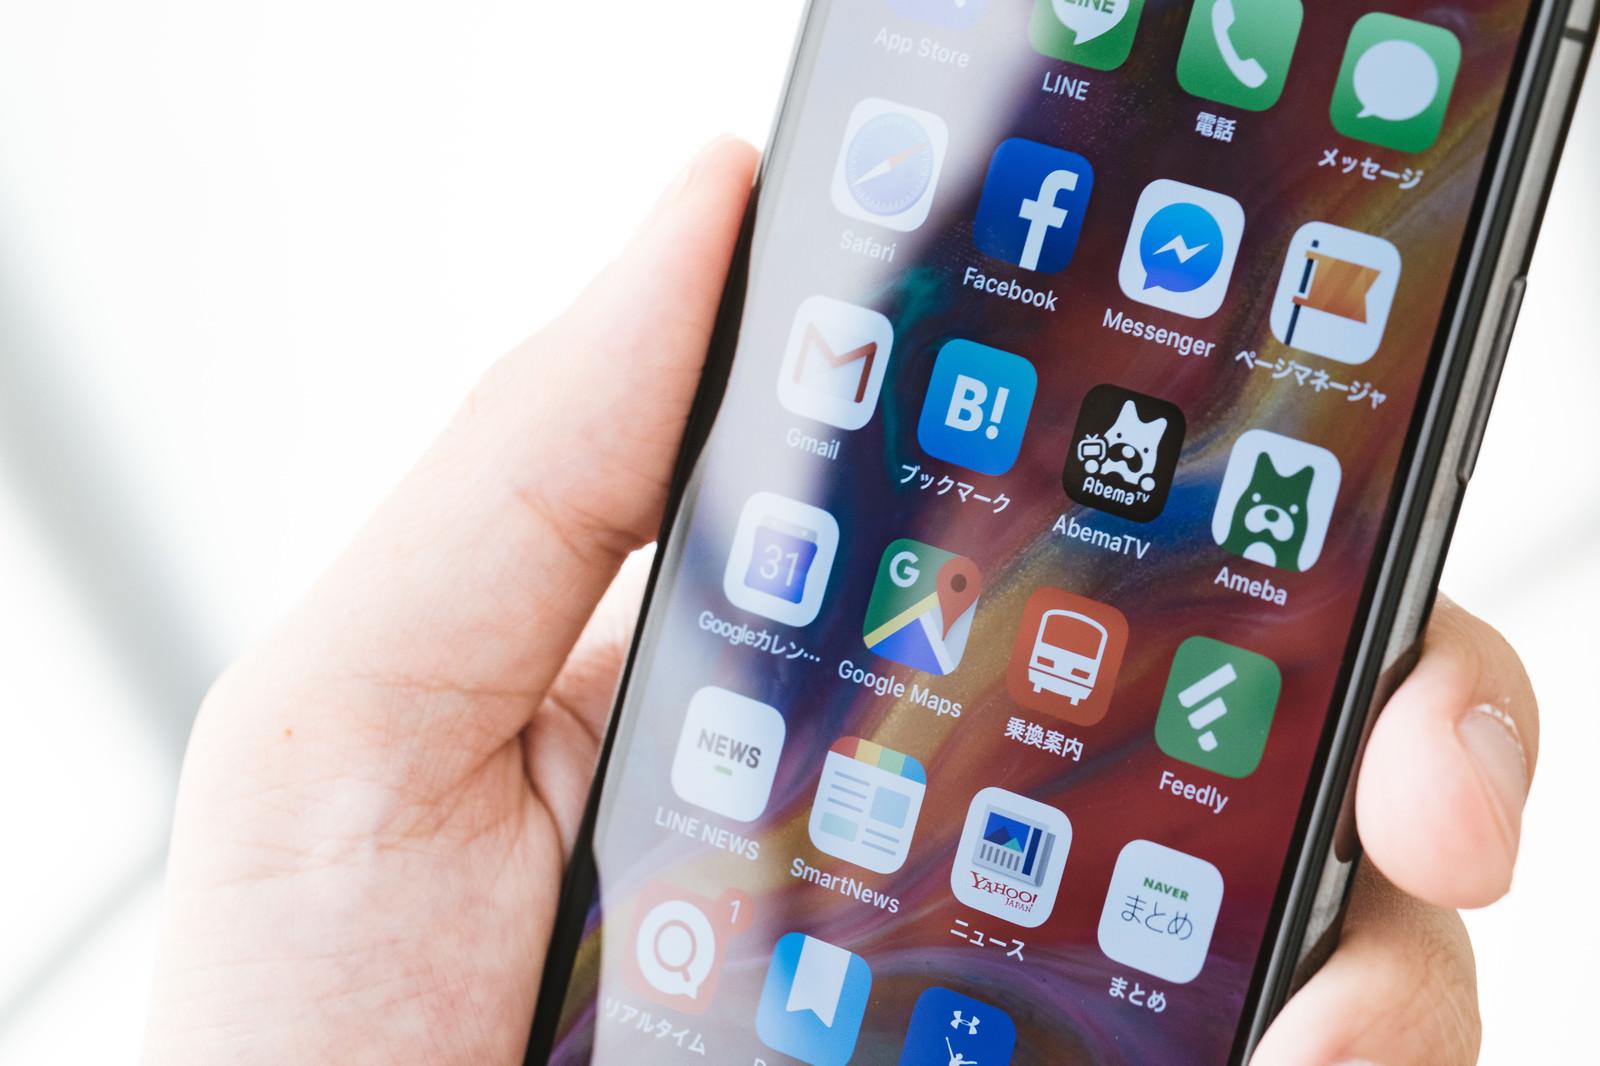 「よく使うアプリのホーム画面よく使うアプリのホーム画面」のフリー写真素材を拡大